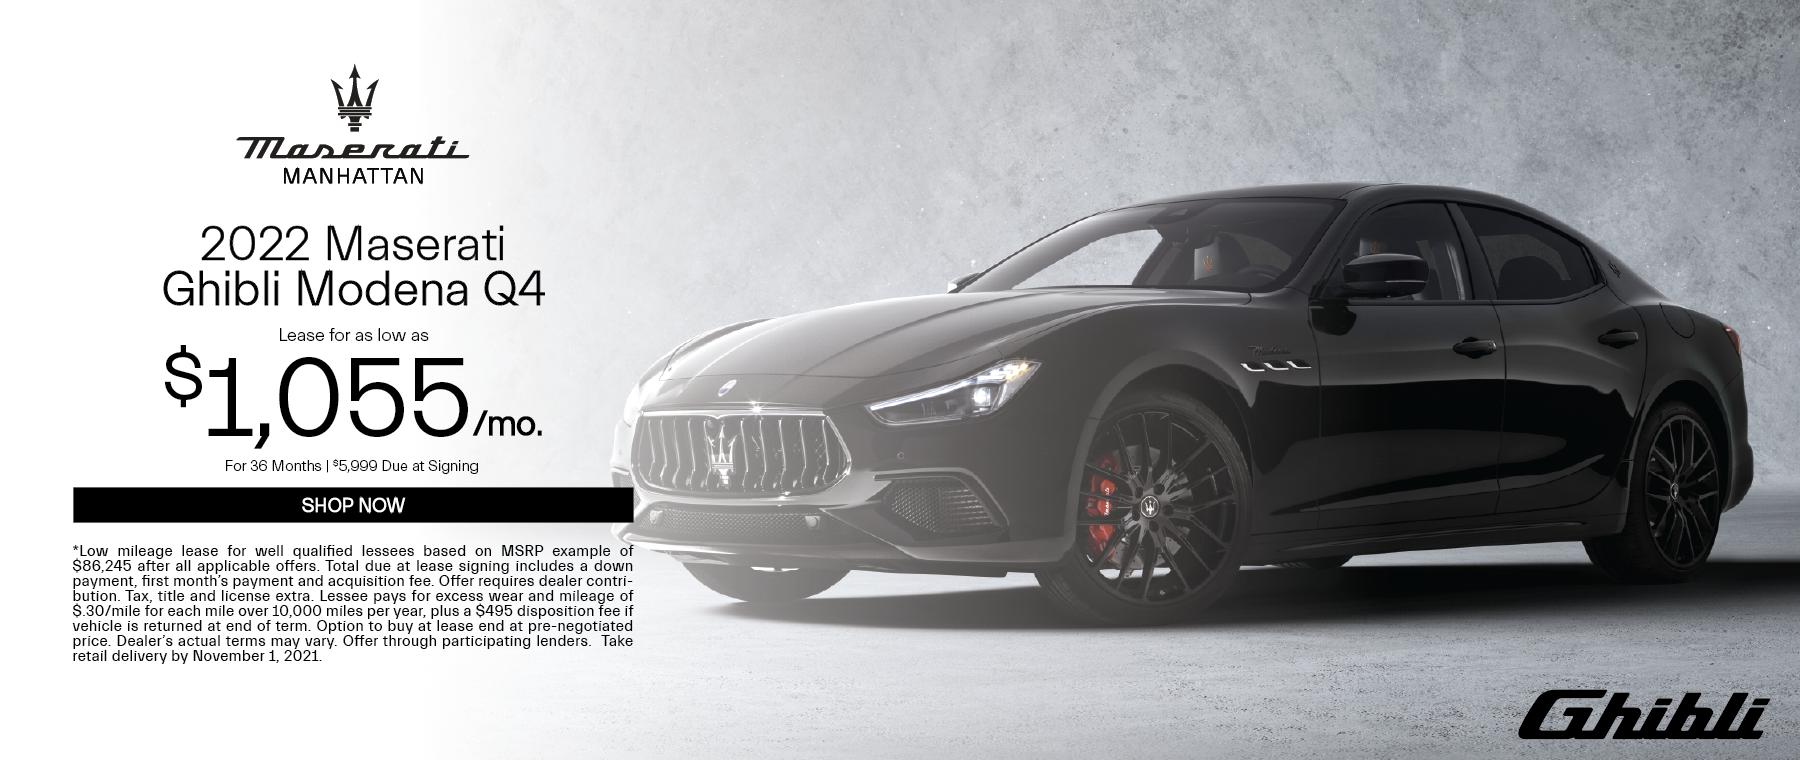 2022 Maserati Ghibli Modena Q4